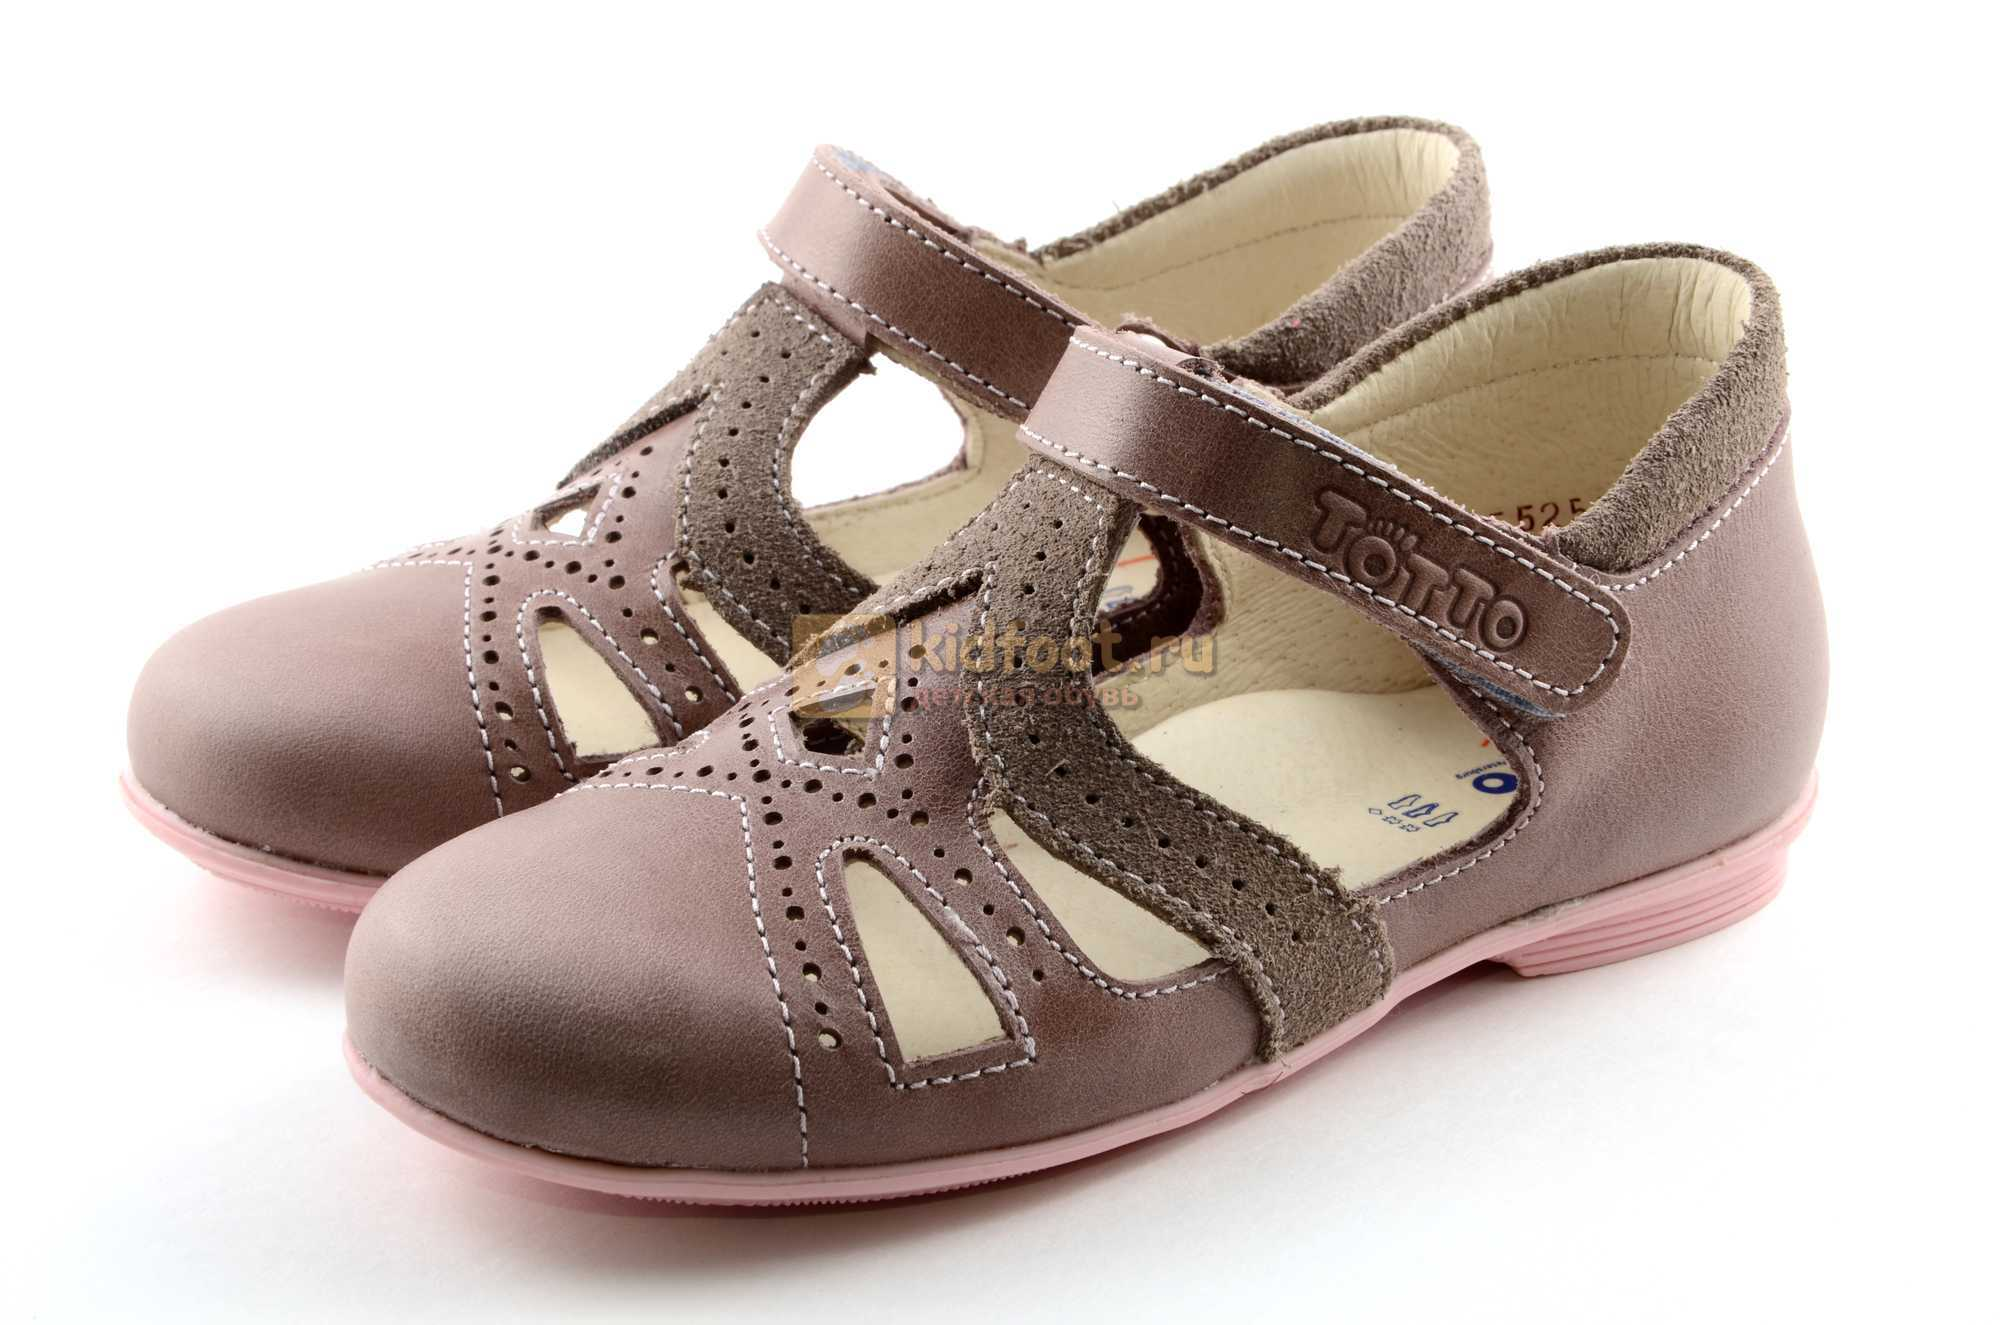 Туфли Тотто из натуральной кожи на липучке для девочек, цвет ирис серобежевый, 10207A